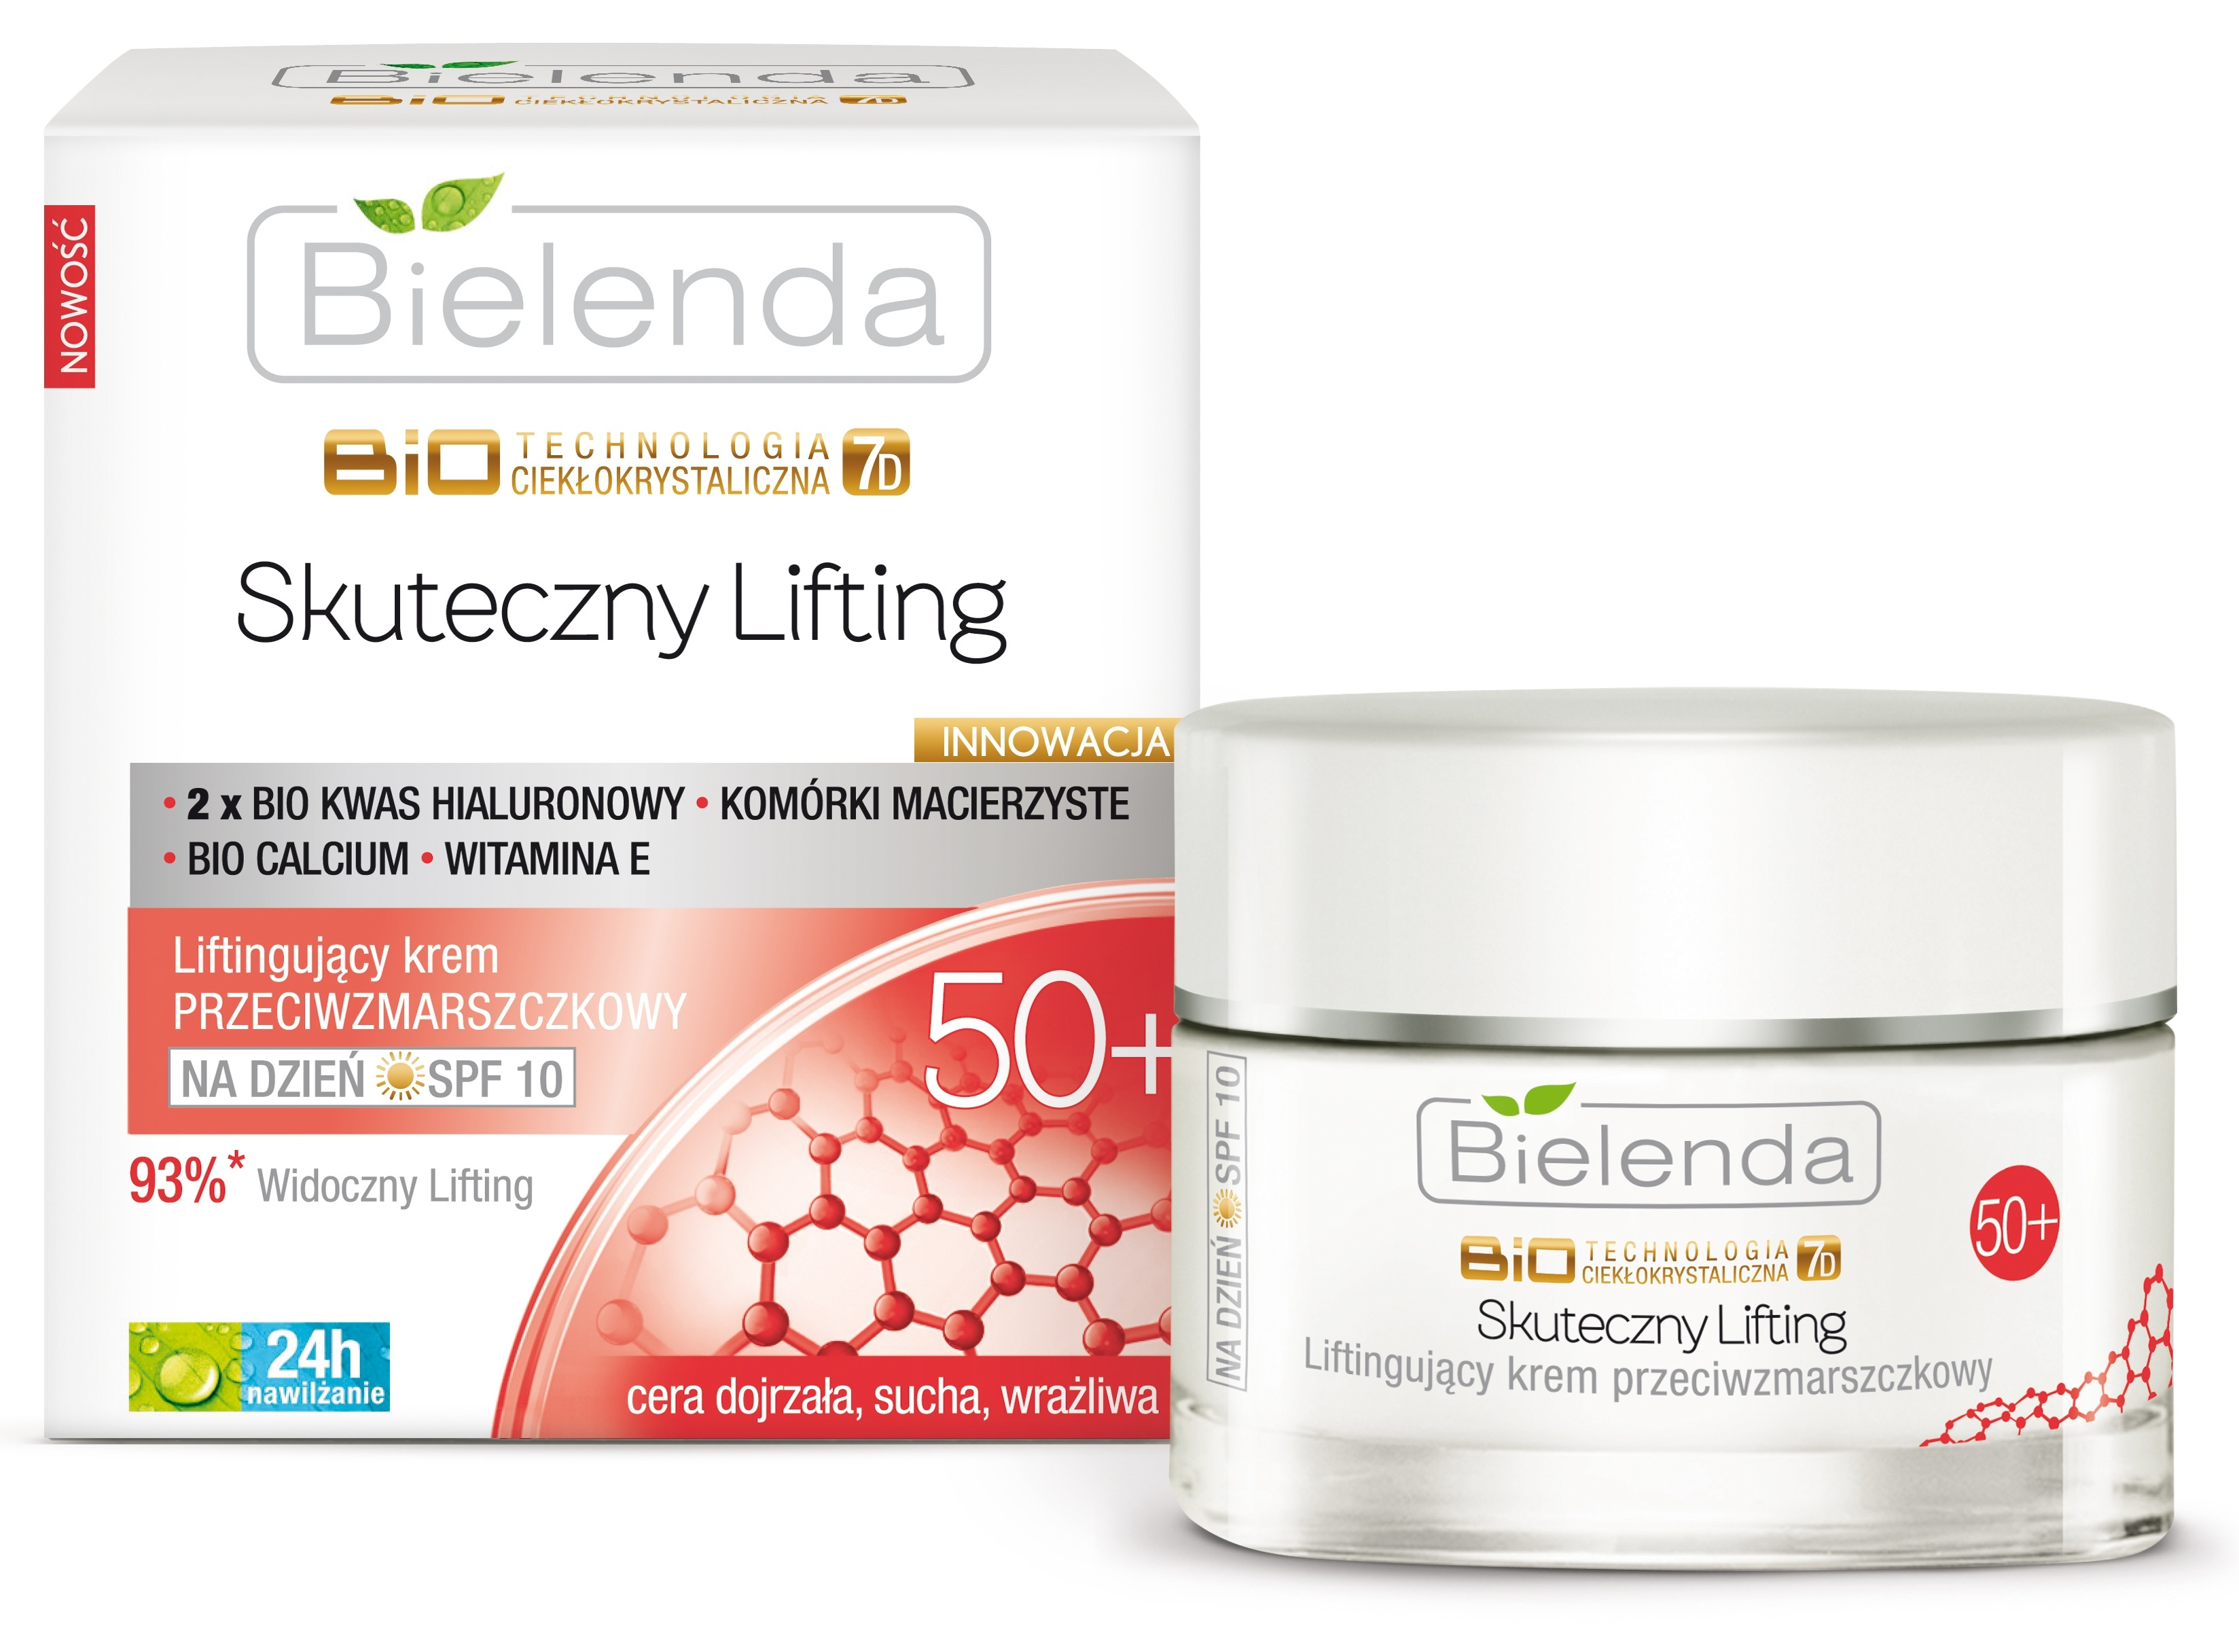 Биотехнология 7D, Восстанавливающий  дневной крем 50+, SPF10, 50 мл.  Bielenda